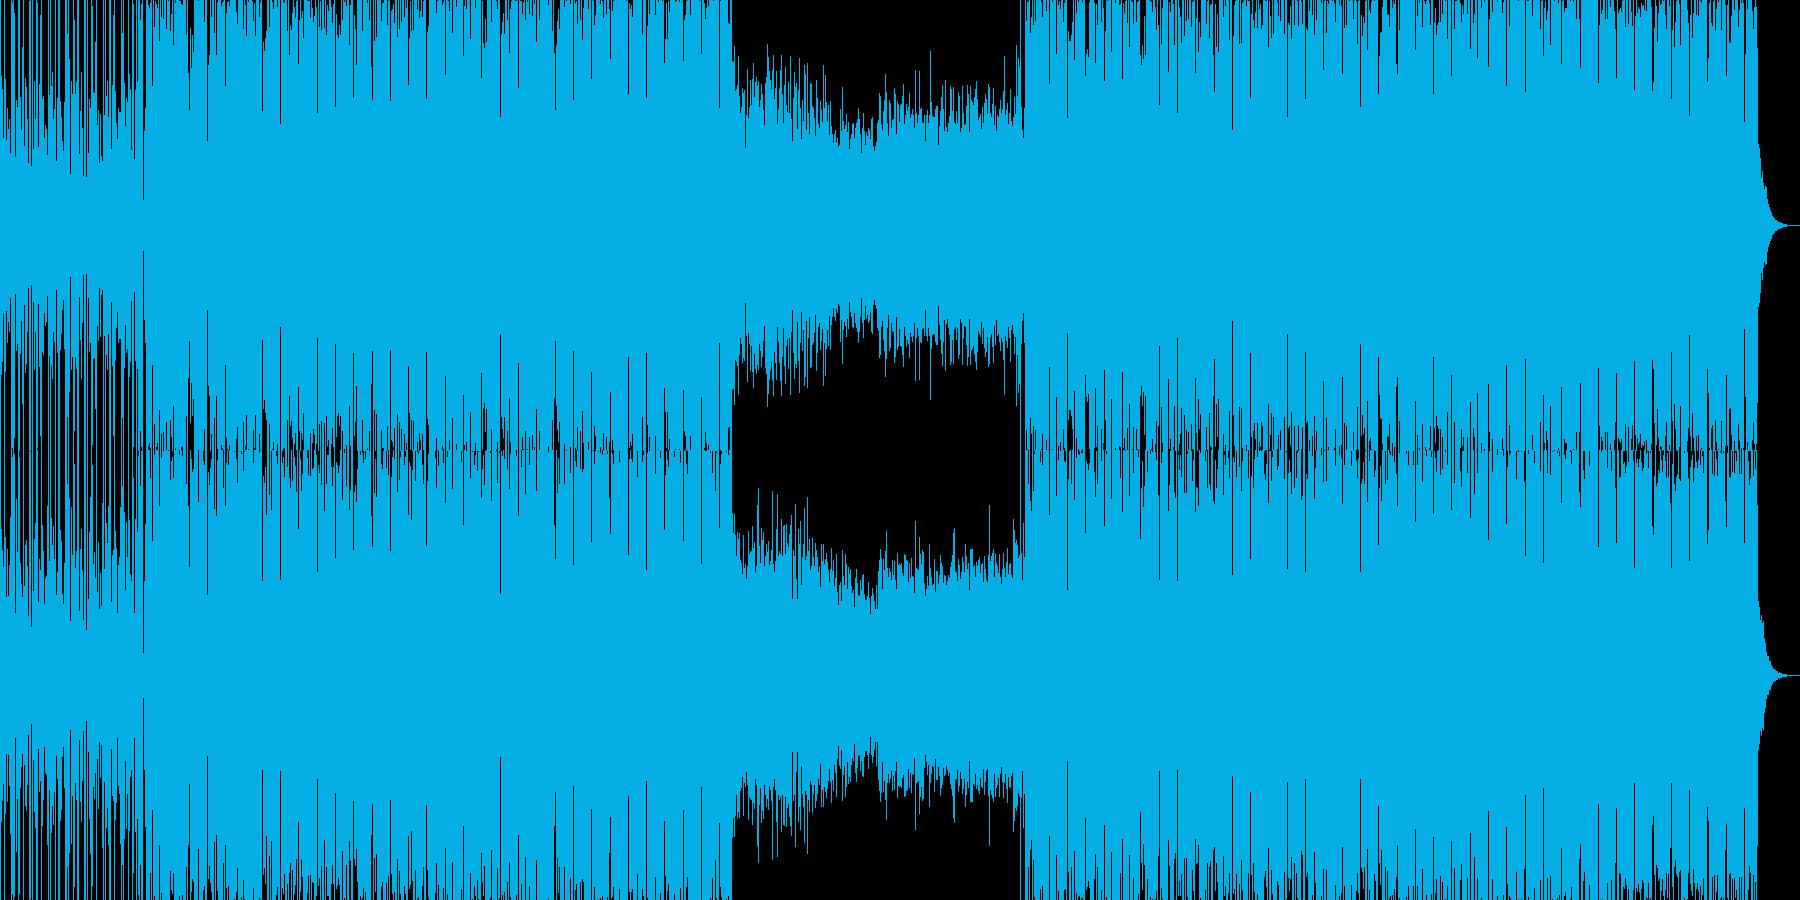 切なくて広がりのあるエレクトロニカ。の再生済みの波形